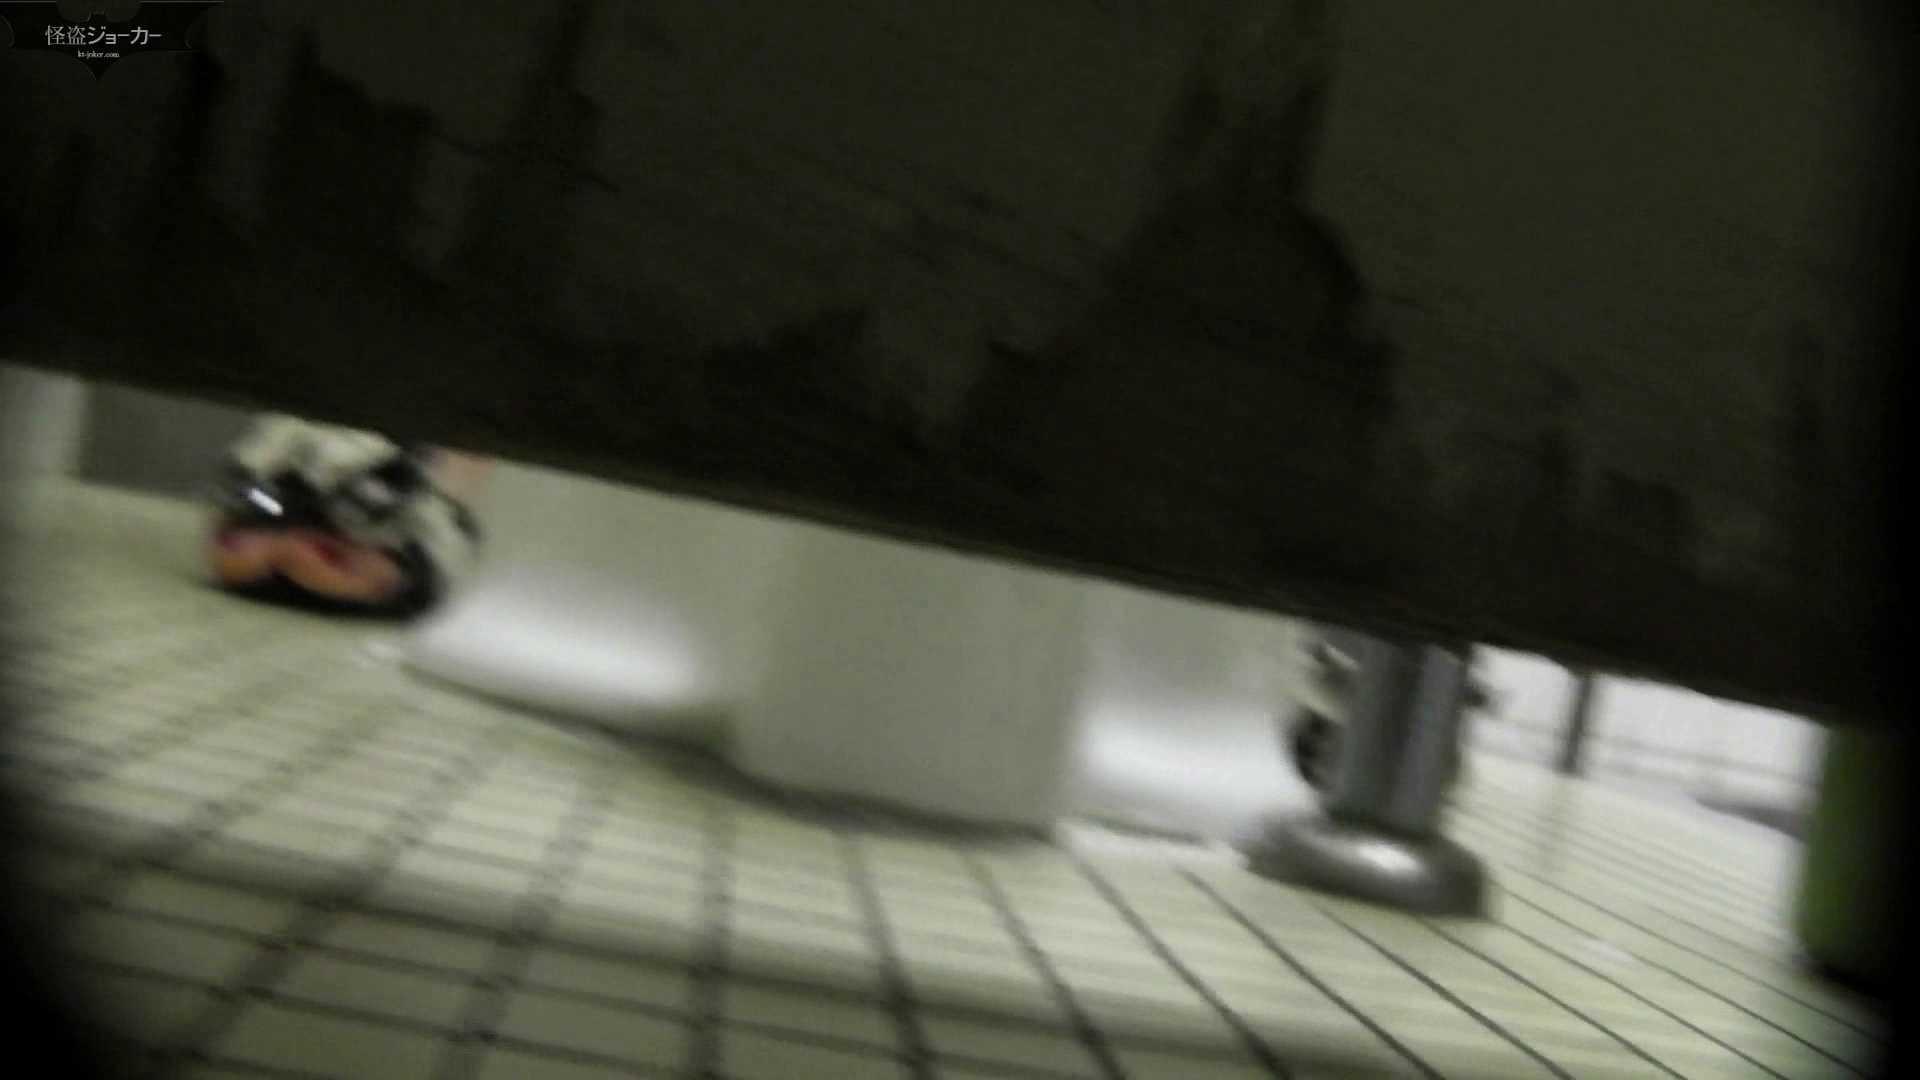 【美しき個室な世界】洗面所特攻隊 vol.051 洗面所  49pic 34